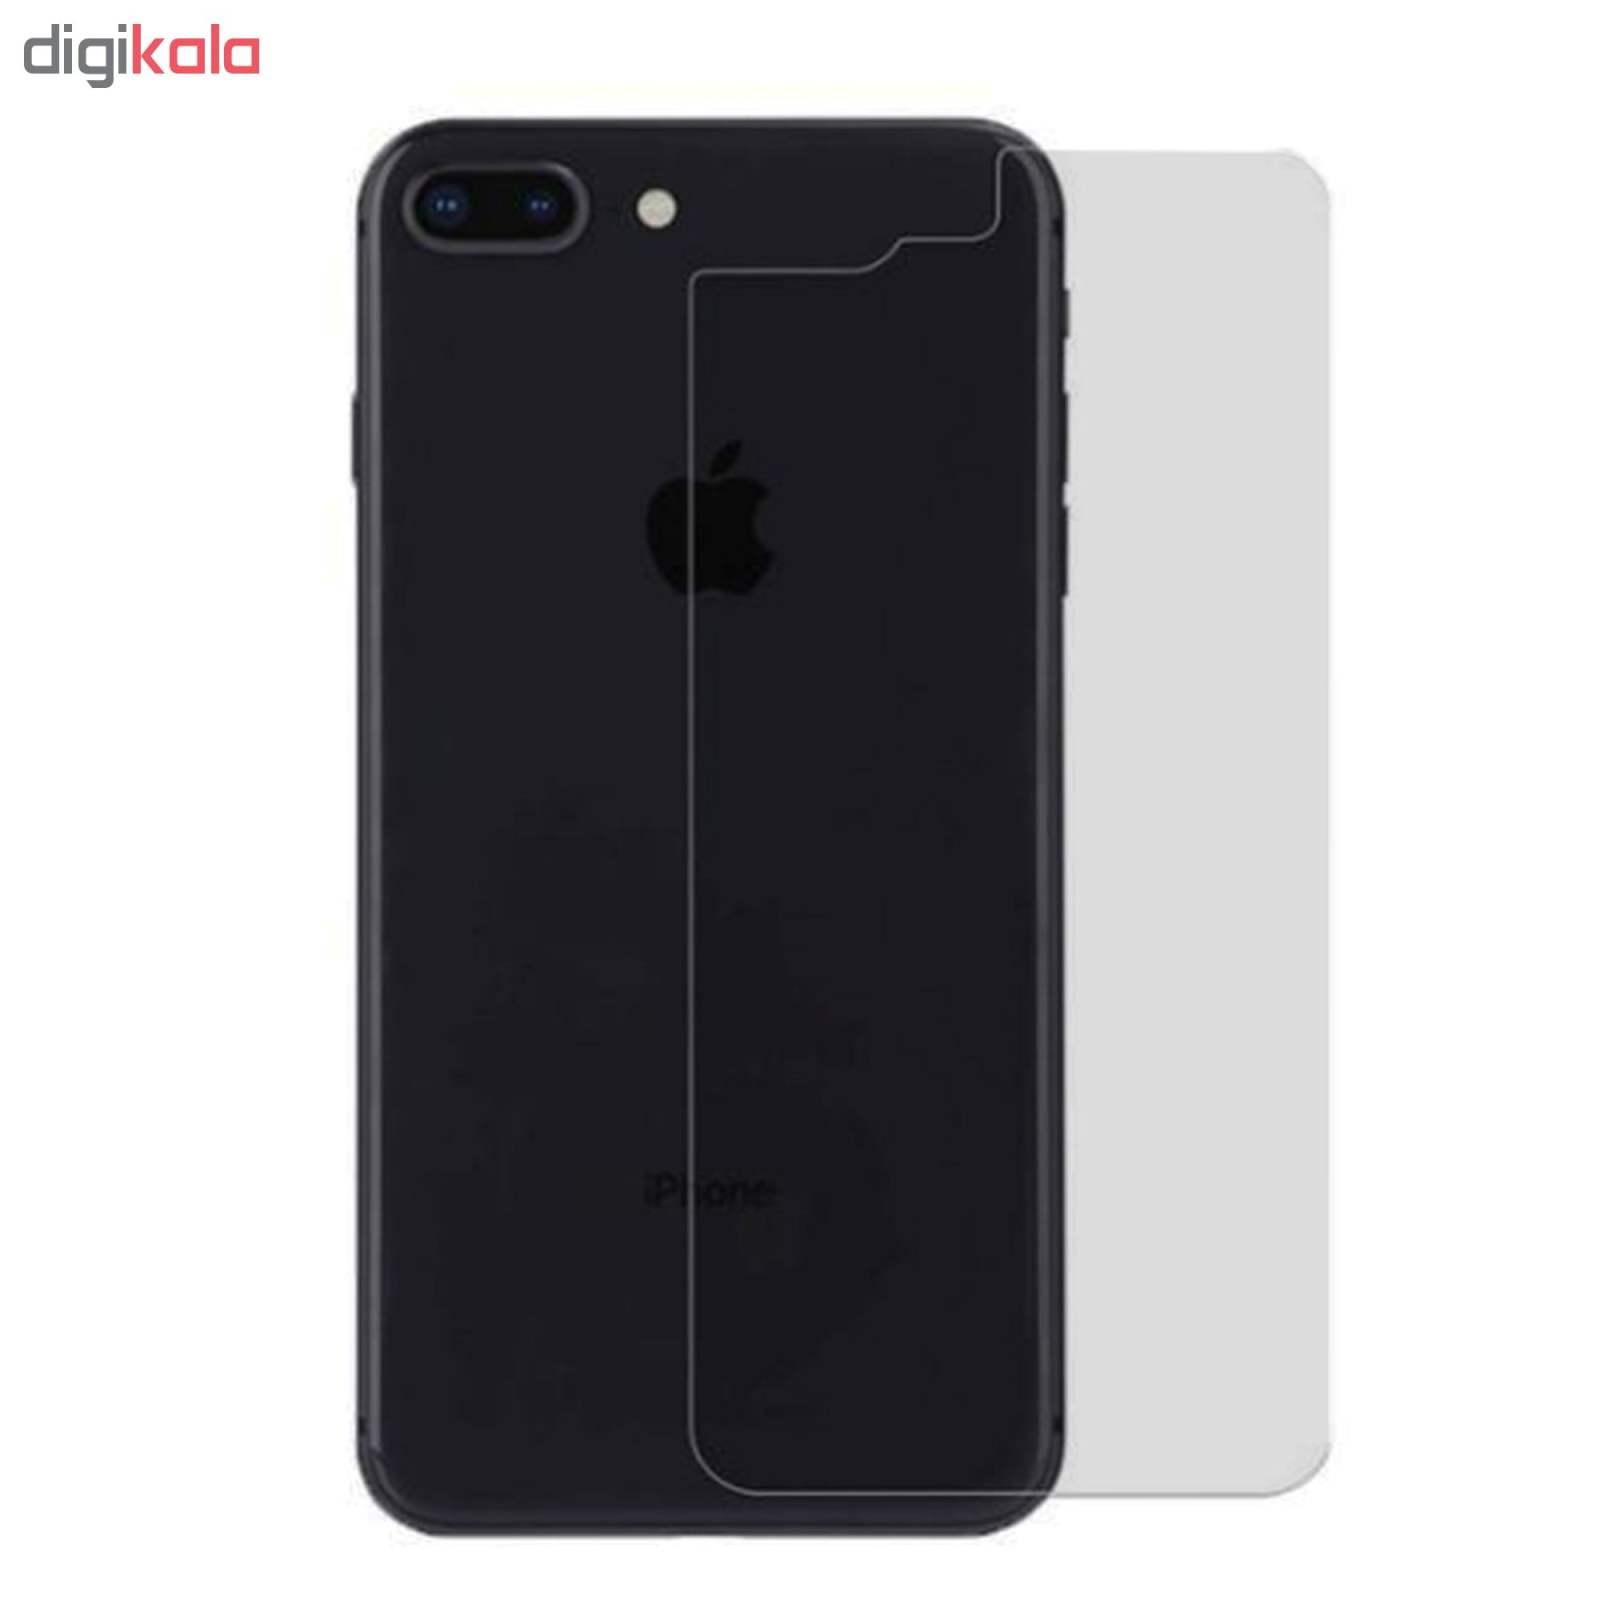 محافظ پشت گوشی مدل khG-1 مناسب برای گوشی موبایل اپل Iphone 7 plus/ 8 plus  main 1 1